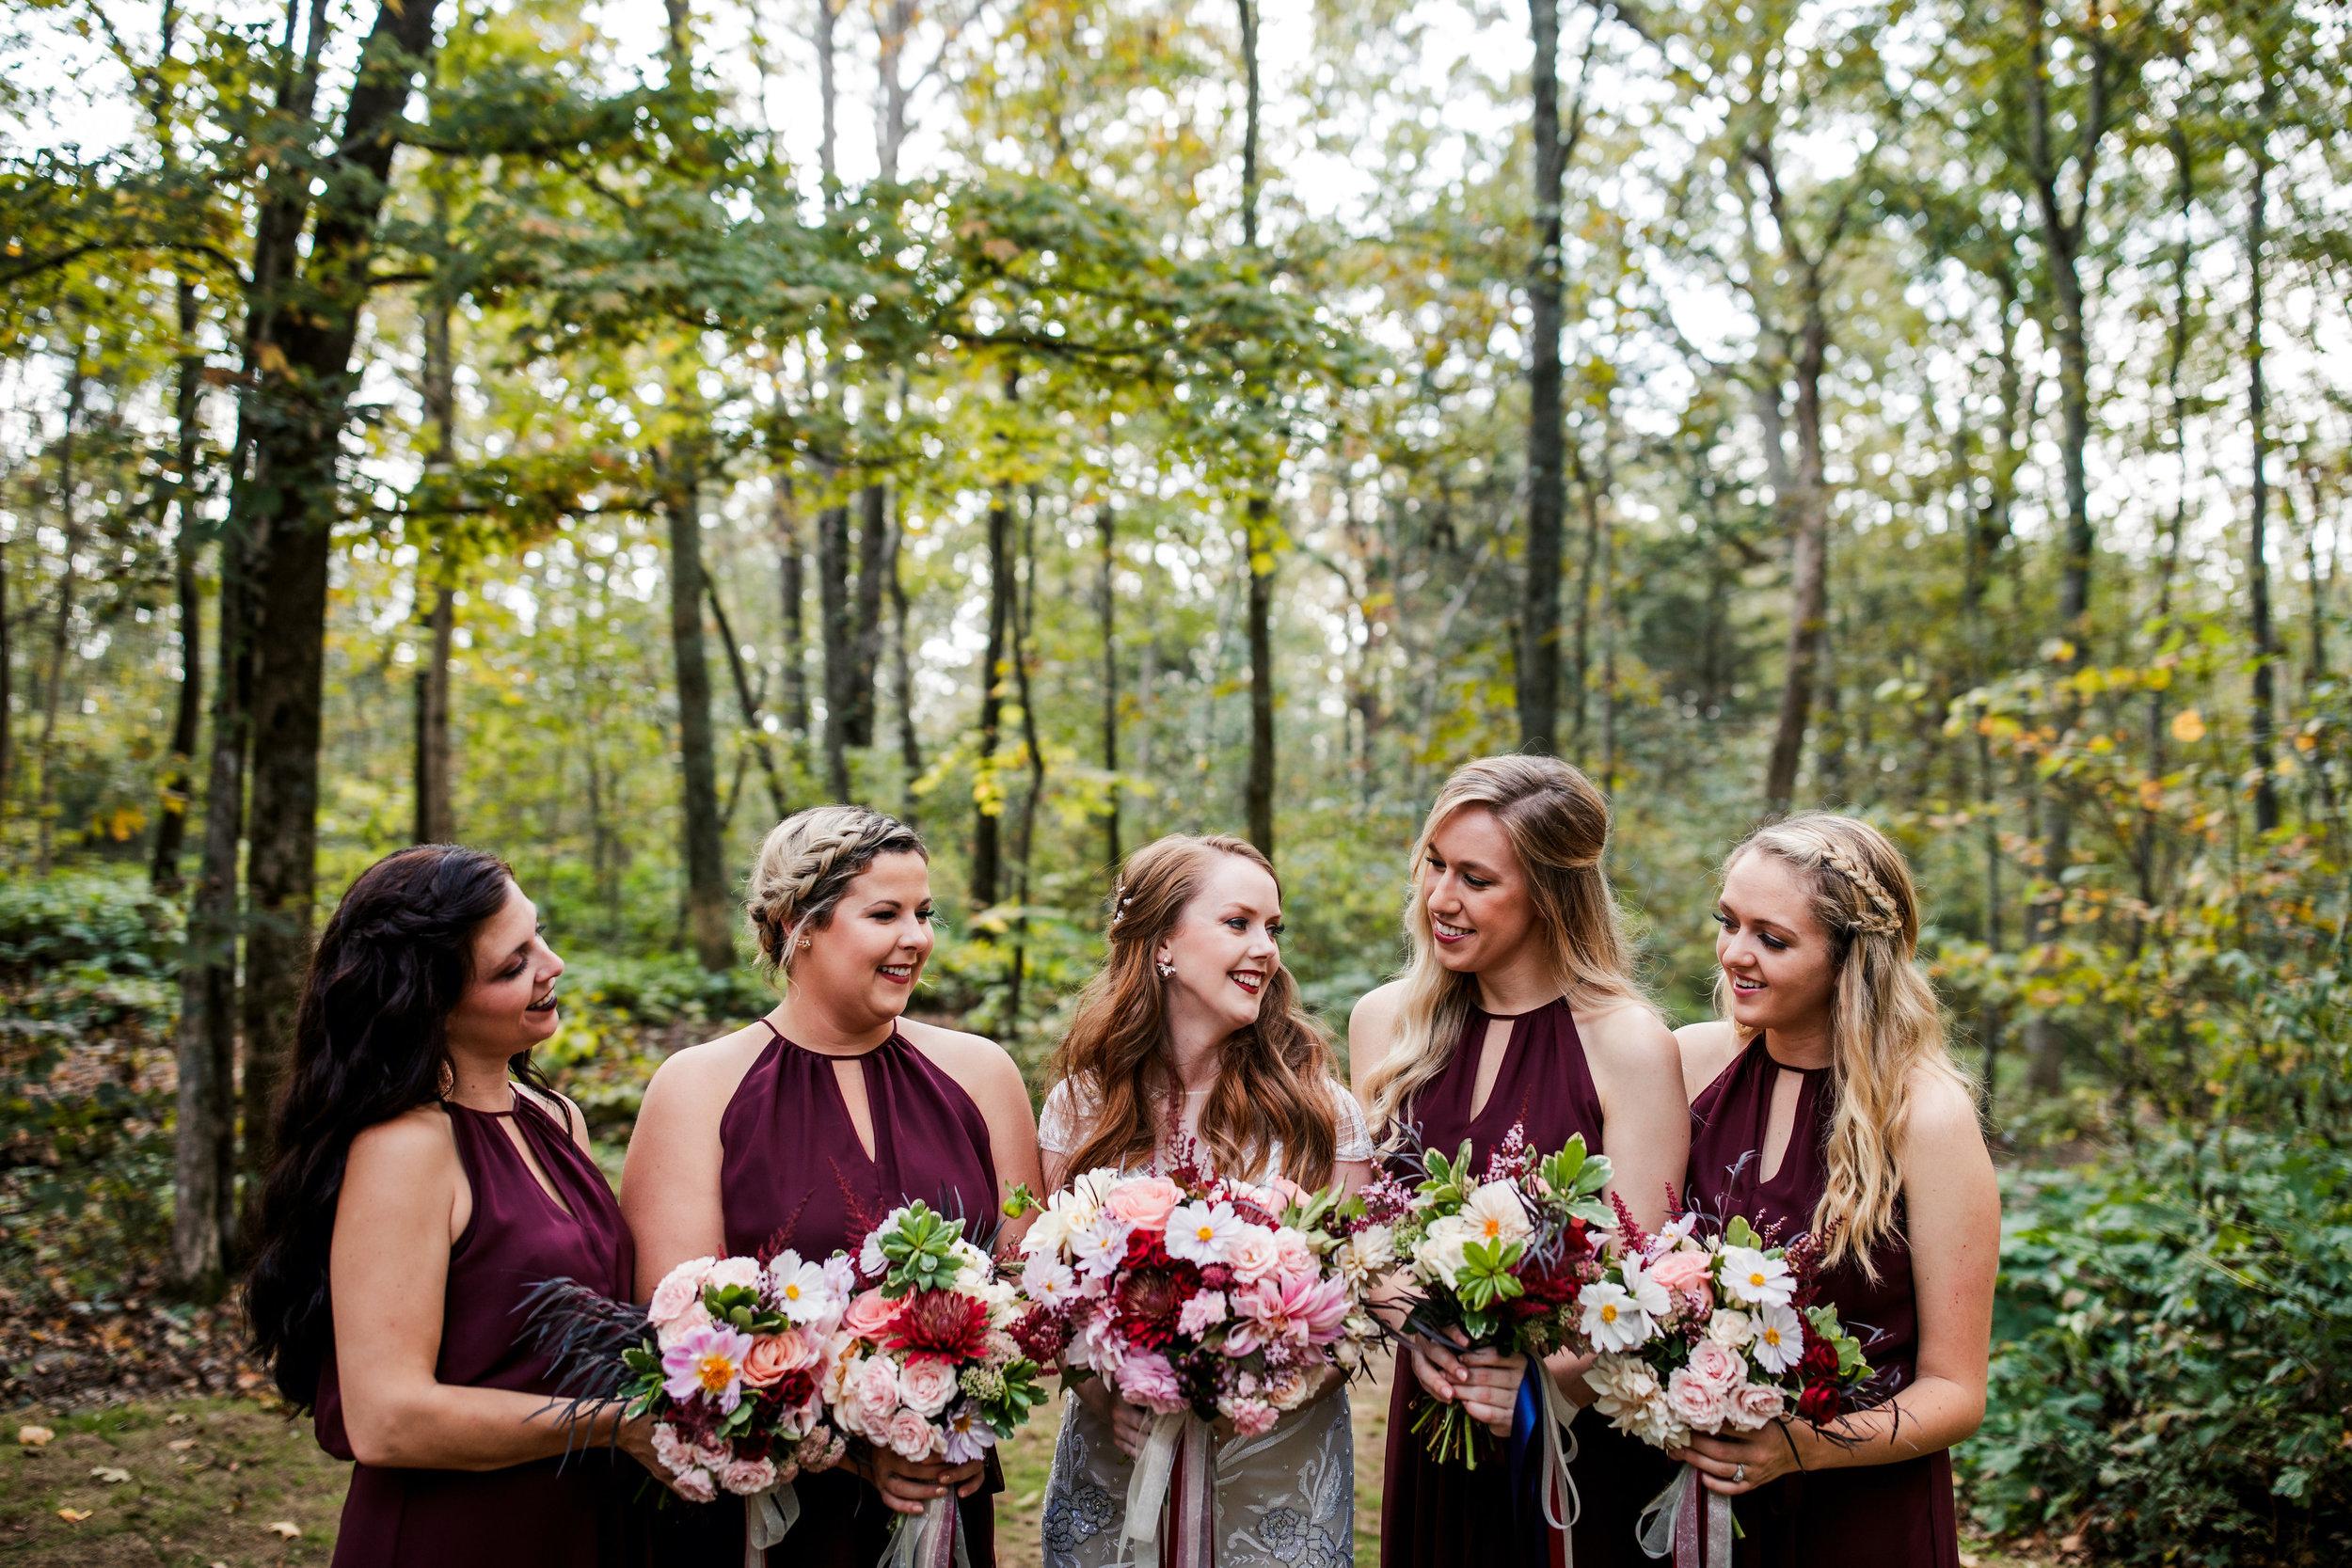 Wrens-Nest-Wedding-Murfreesboro-TN 19.jpg